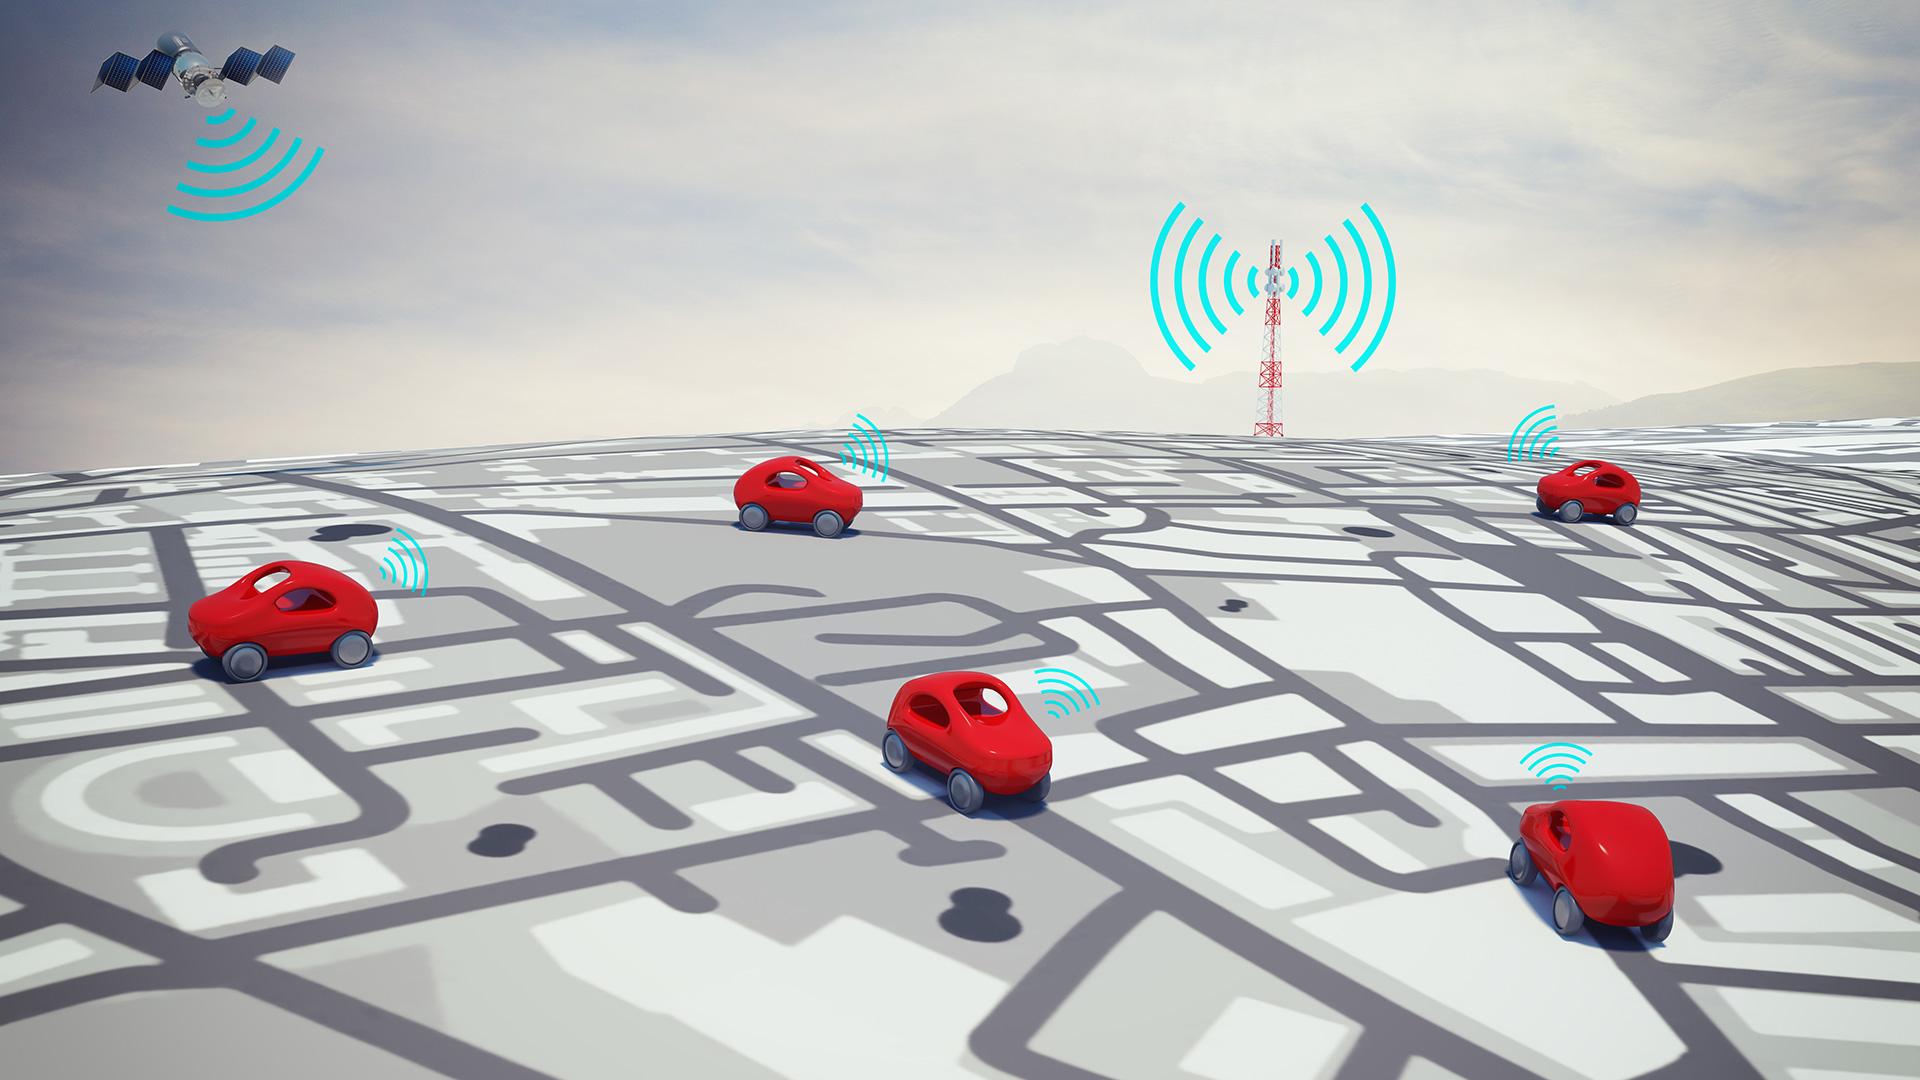 Tracciamento satellitare veicoli - Event Surveyor - dispatcher di servizi e tracciamento veicoli